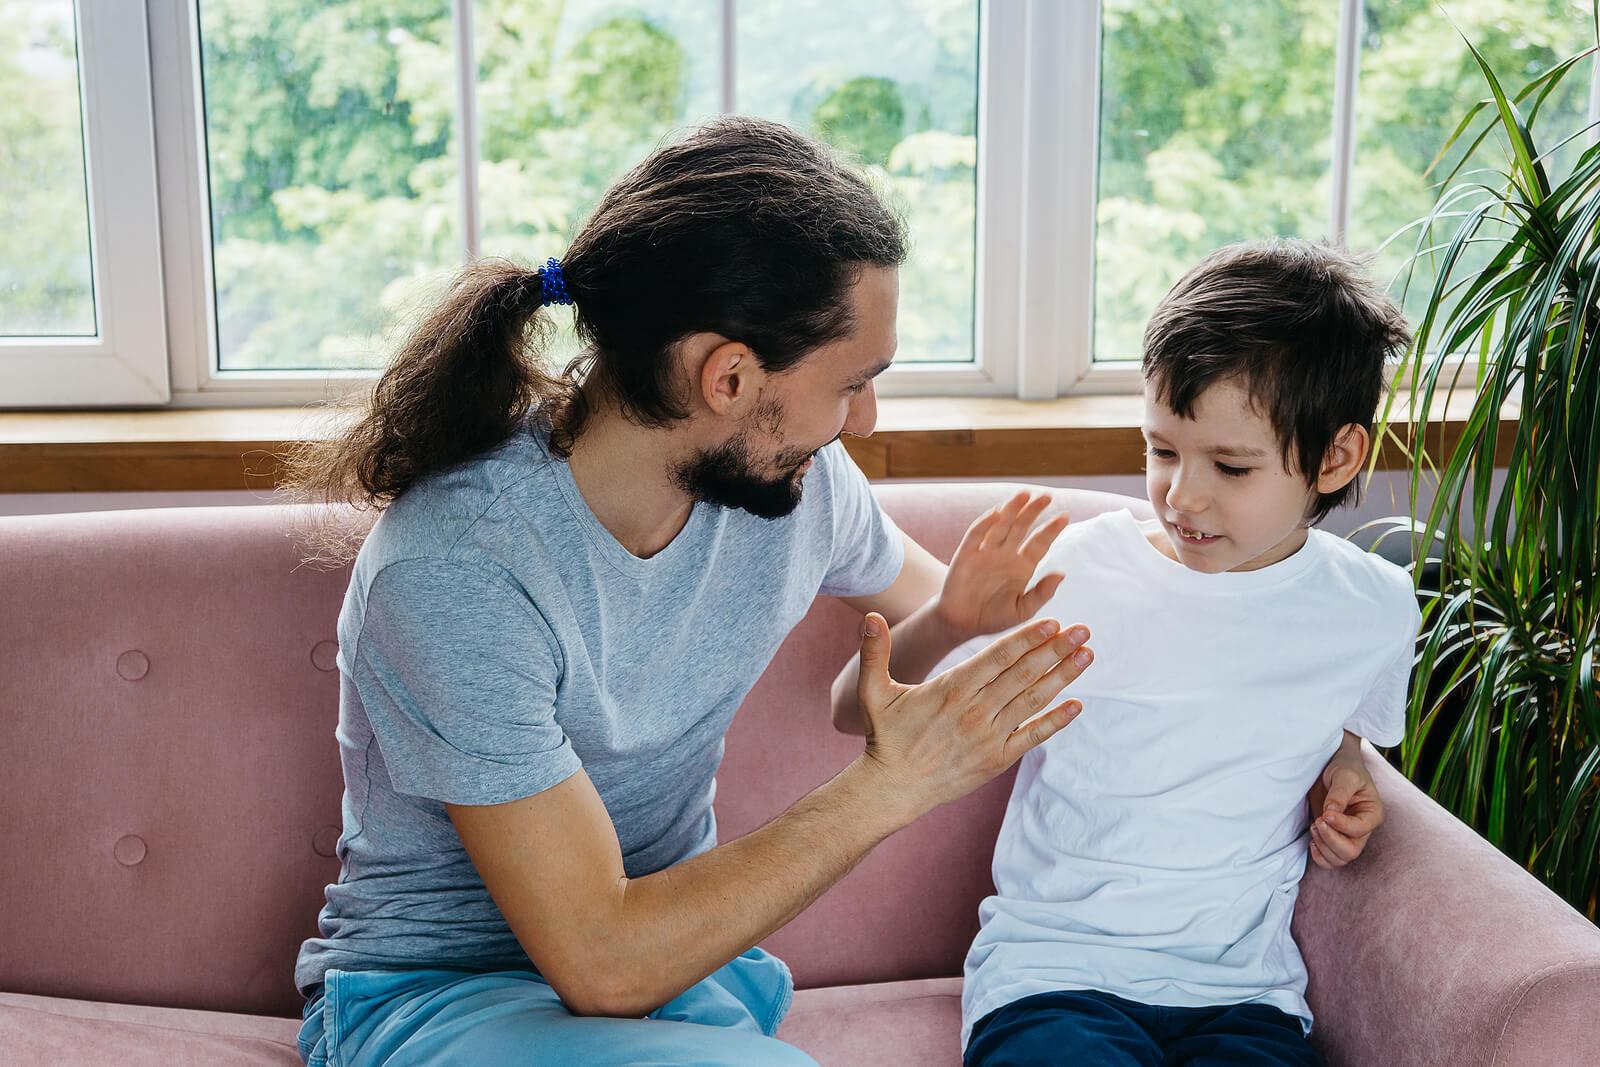 Padre chocando la mano con su hijo con síndrome de Marfan.